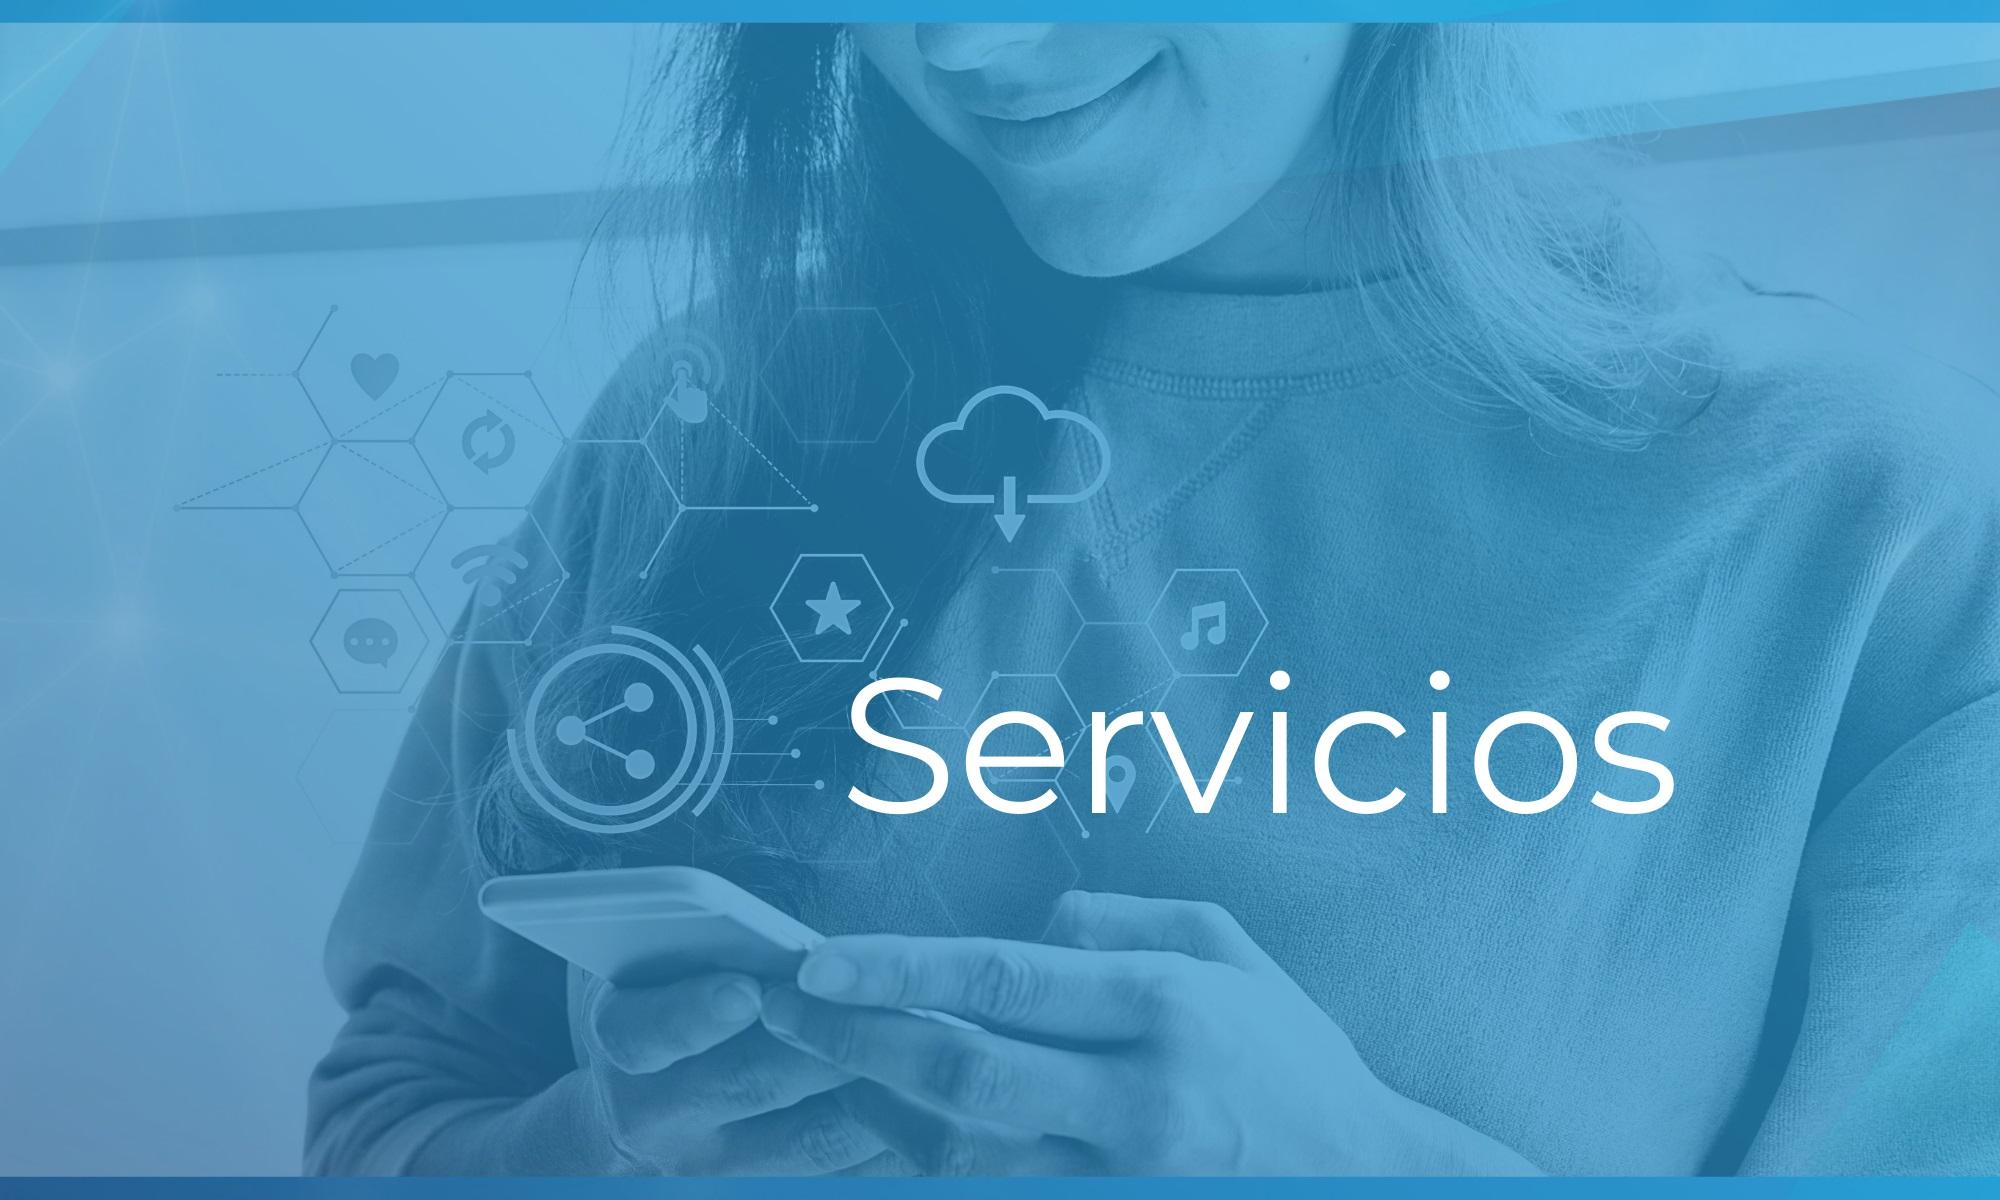 servicios_roevoconsultora